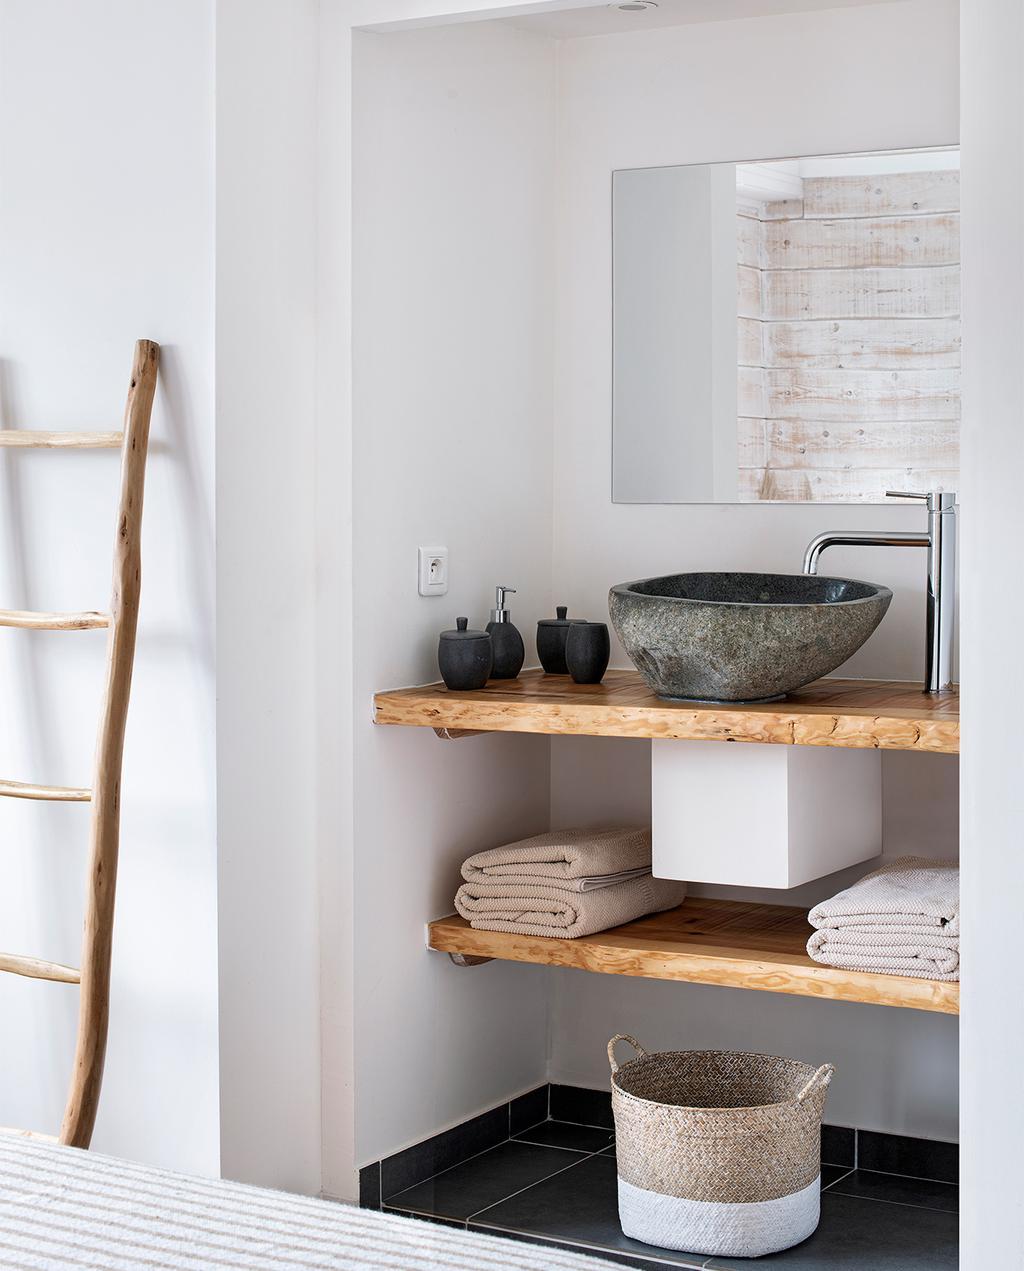 vtwonen binnenkijk special 07-2021   badkamer met houten planken ingebouwd in de muur met handdoeken en manden